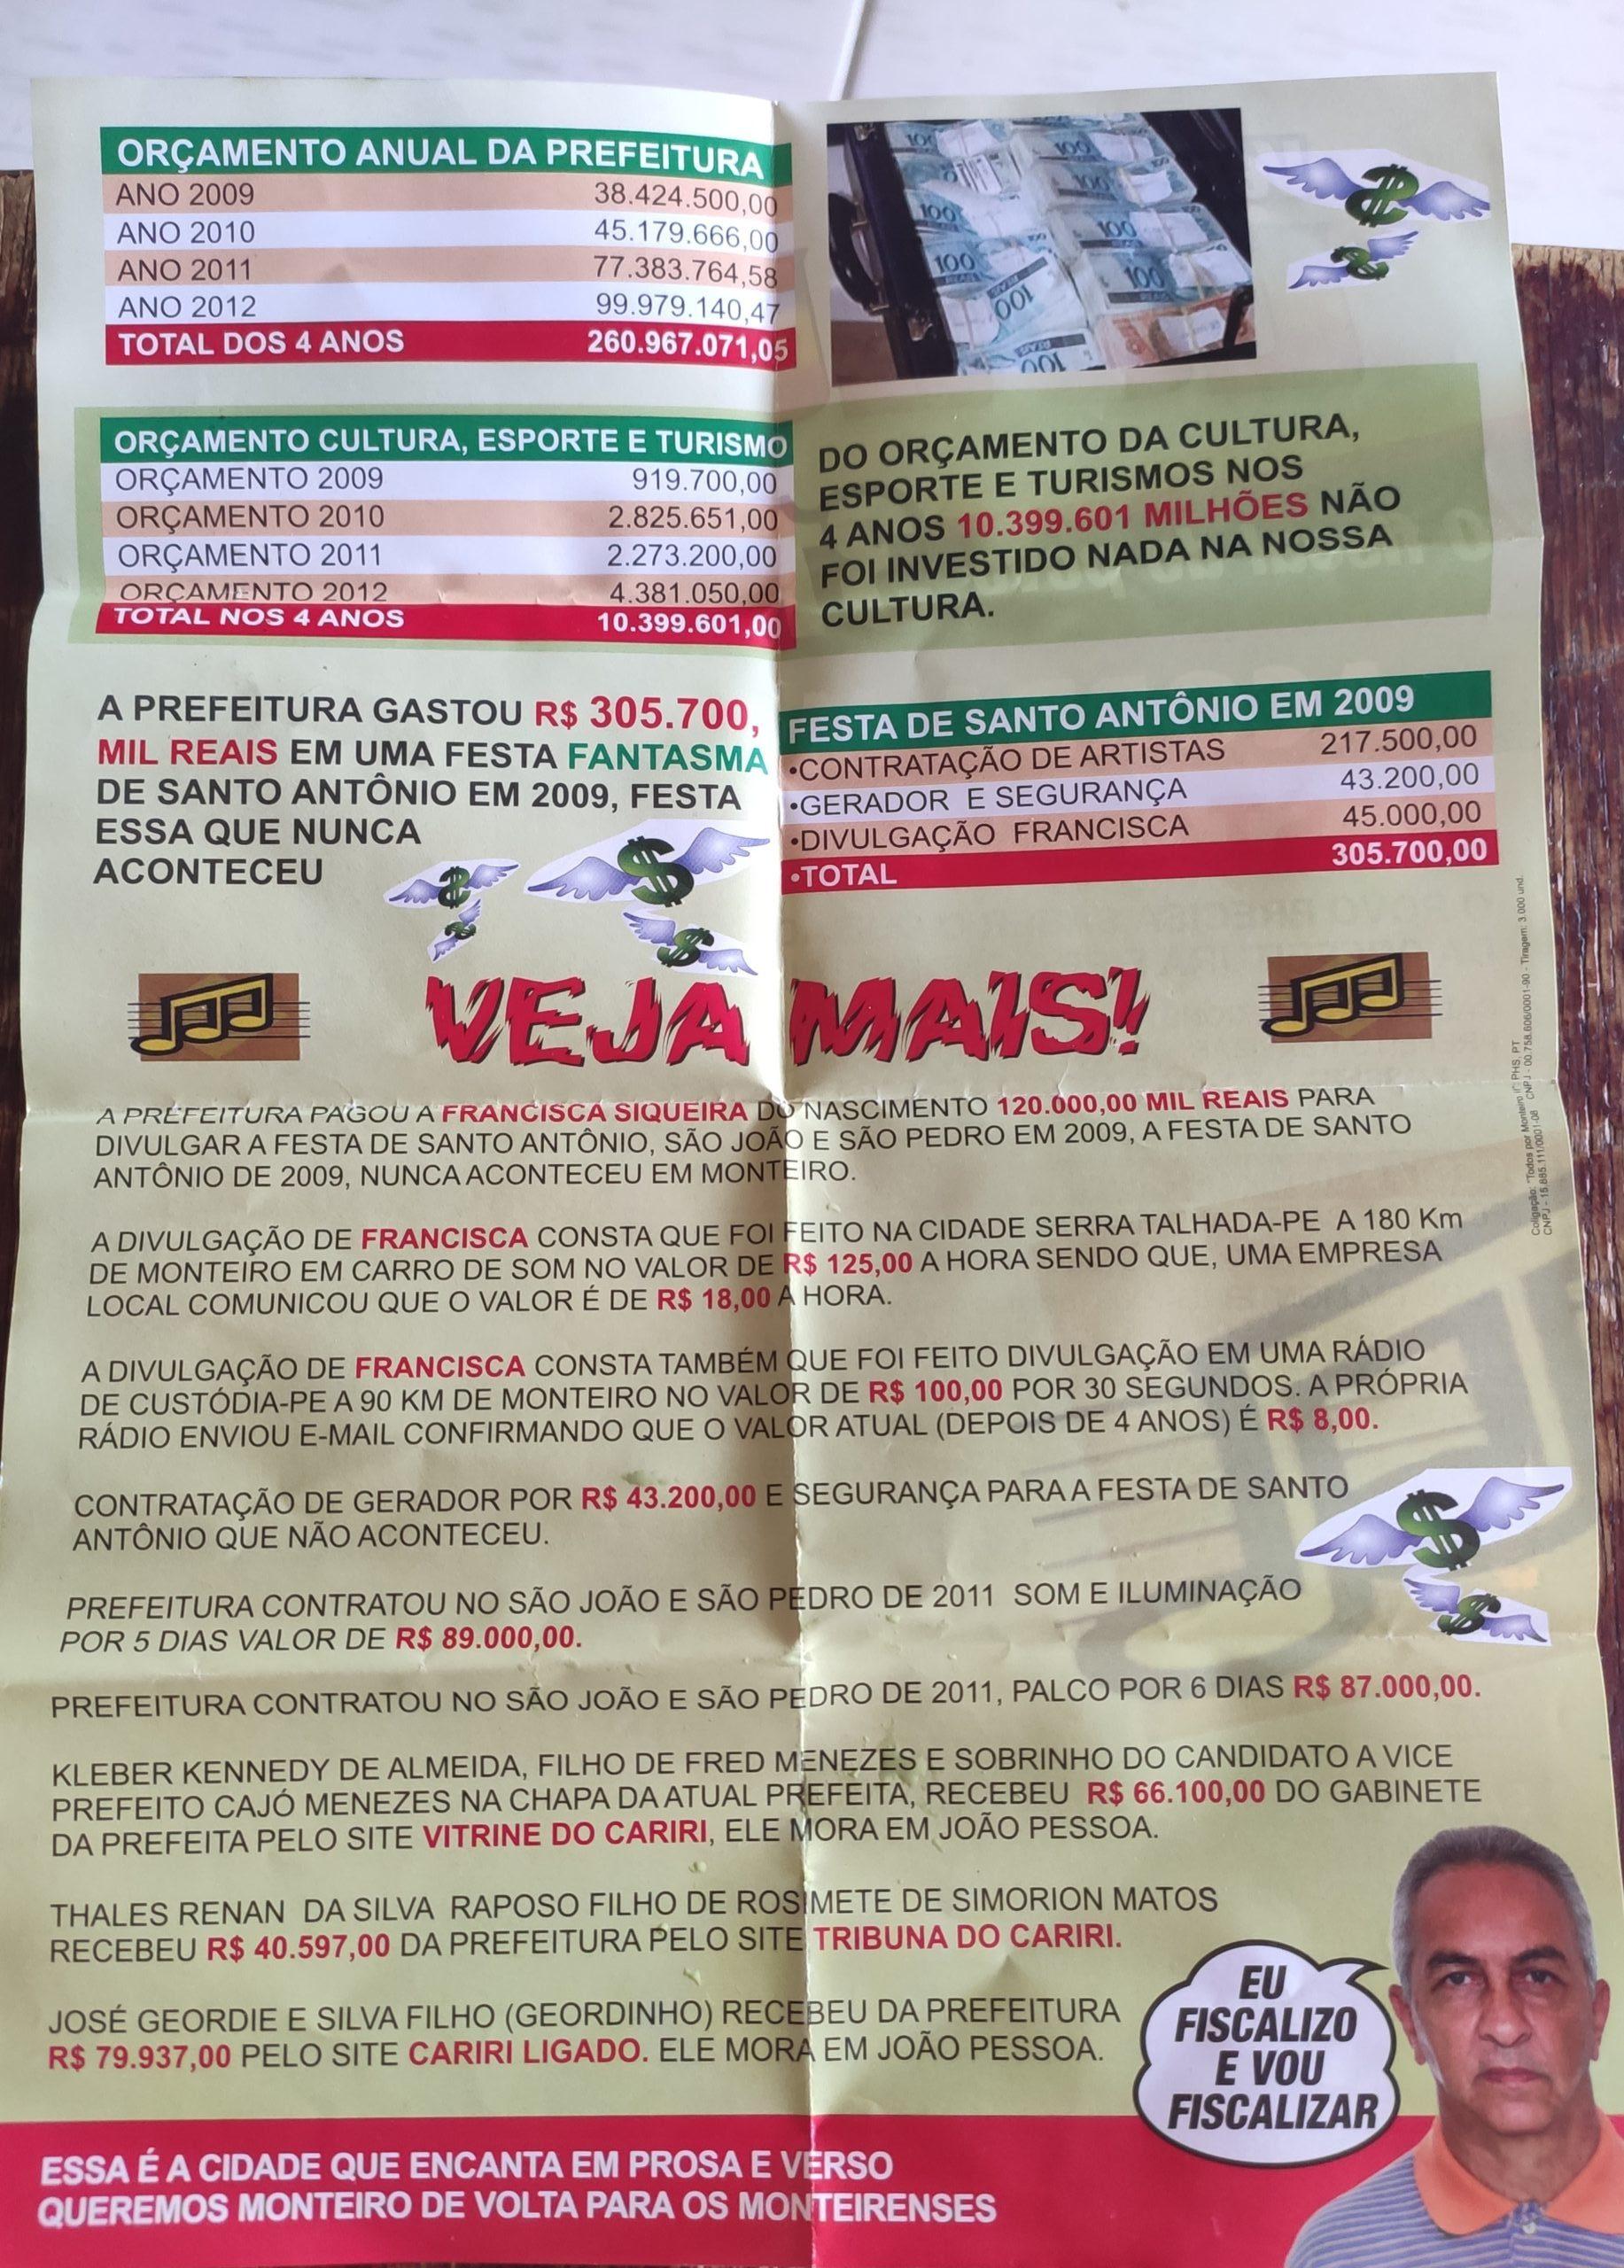 IMG_20201021_132122-scaled-e1603468953744 Justiça Eleitoral indefere registro de candidatura de Lulu dos Tropicais